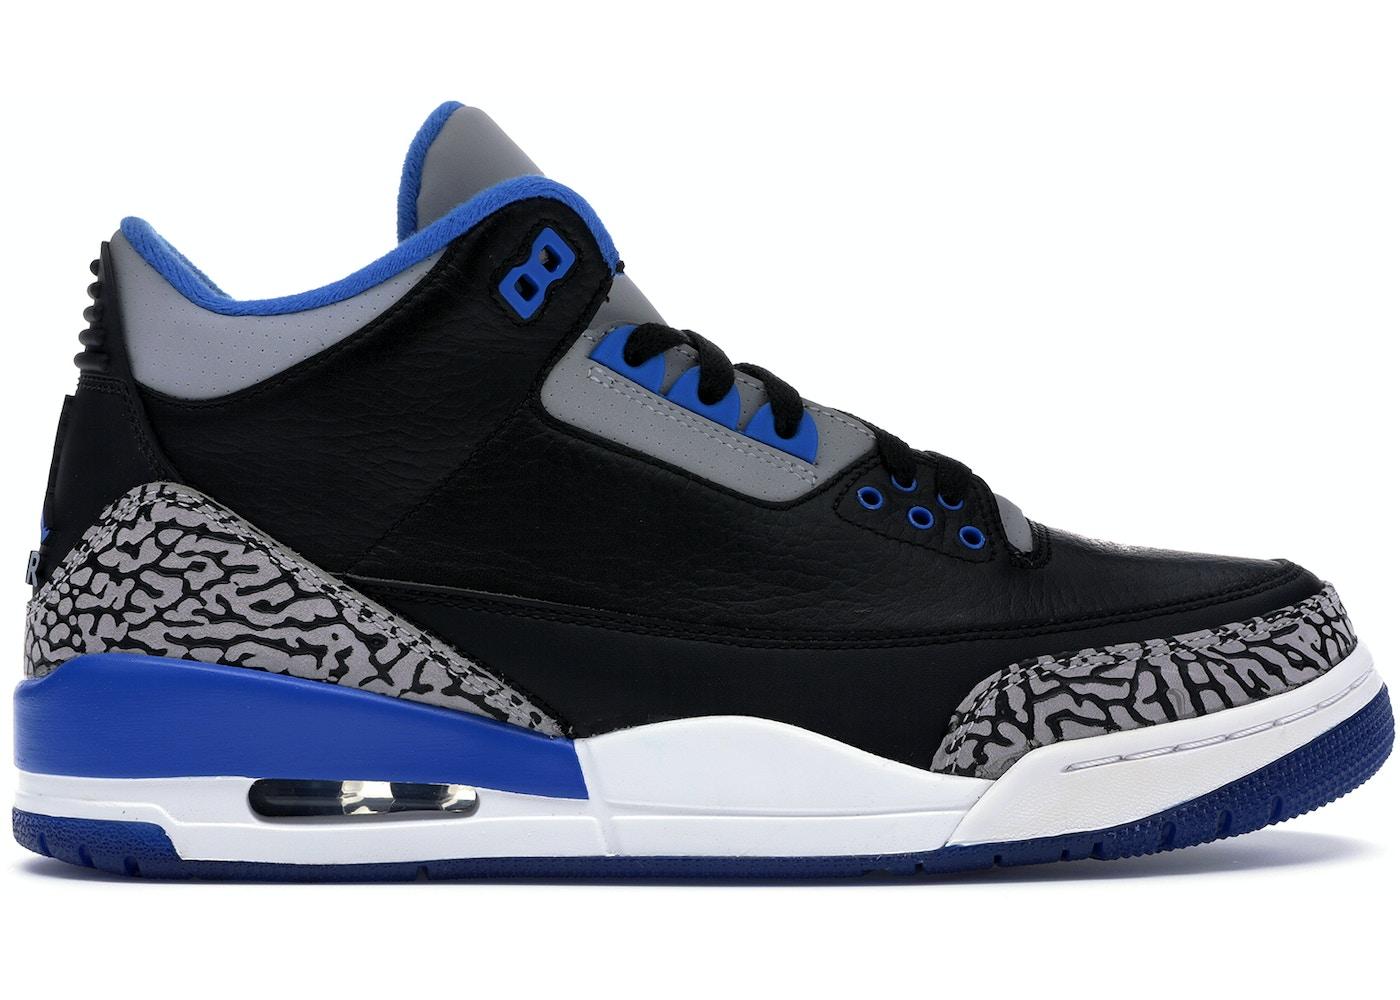 los angeles 10a75 56d7c Jordan 3 Retro Sport Blue